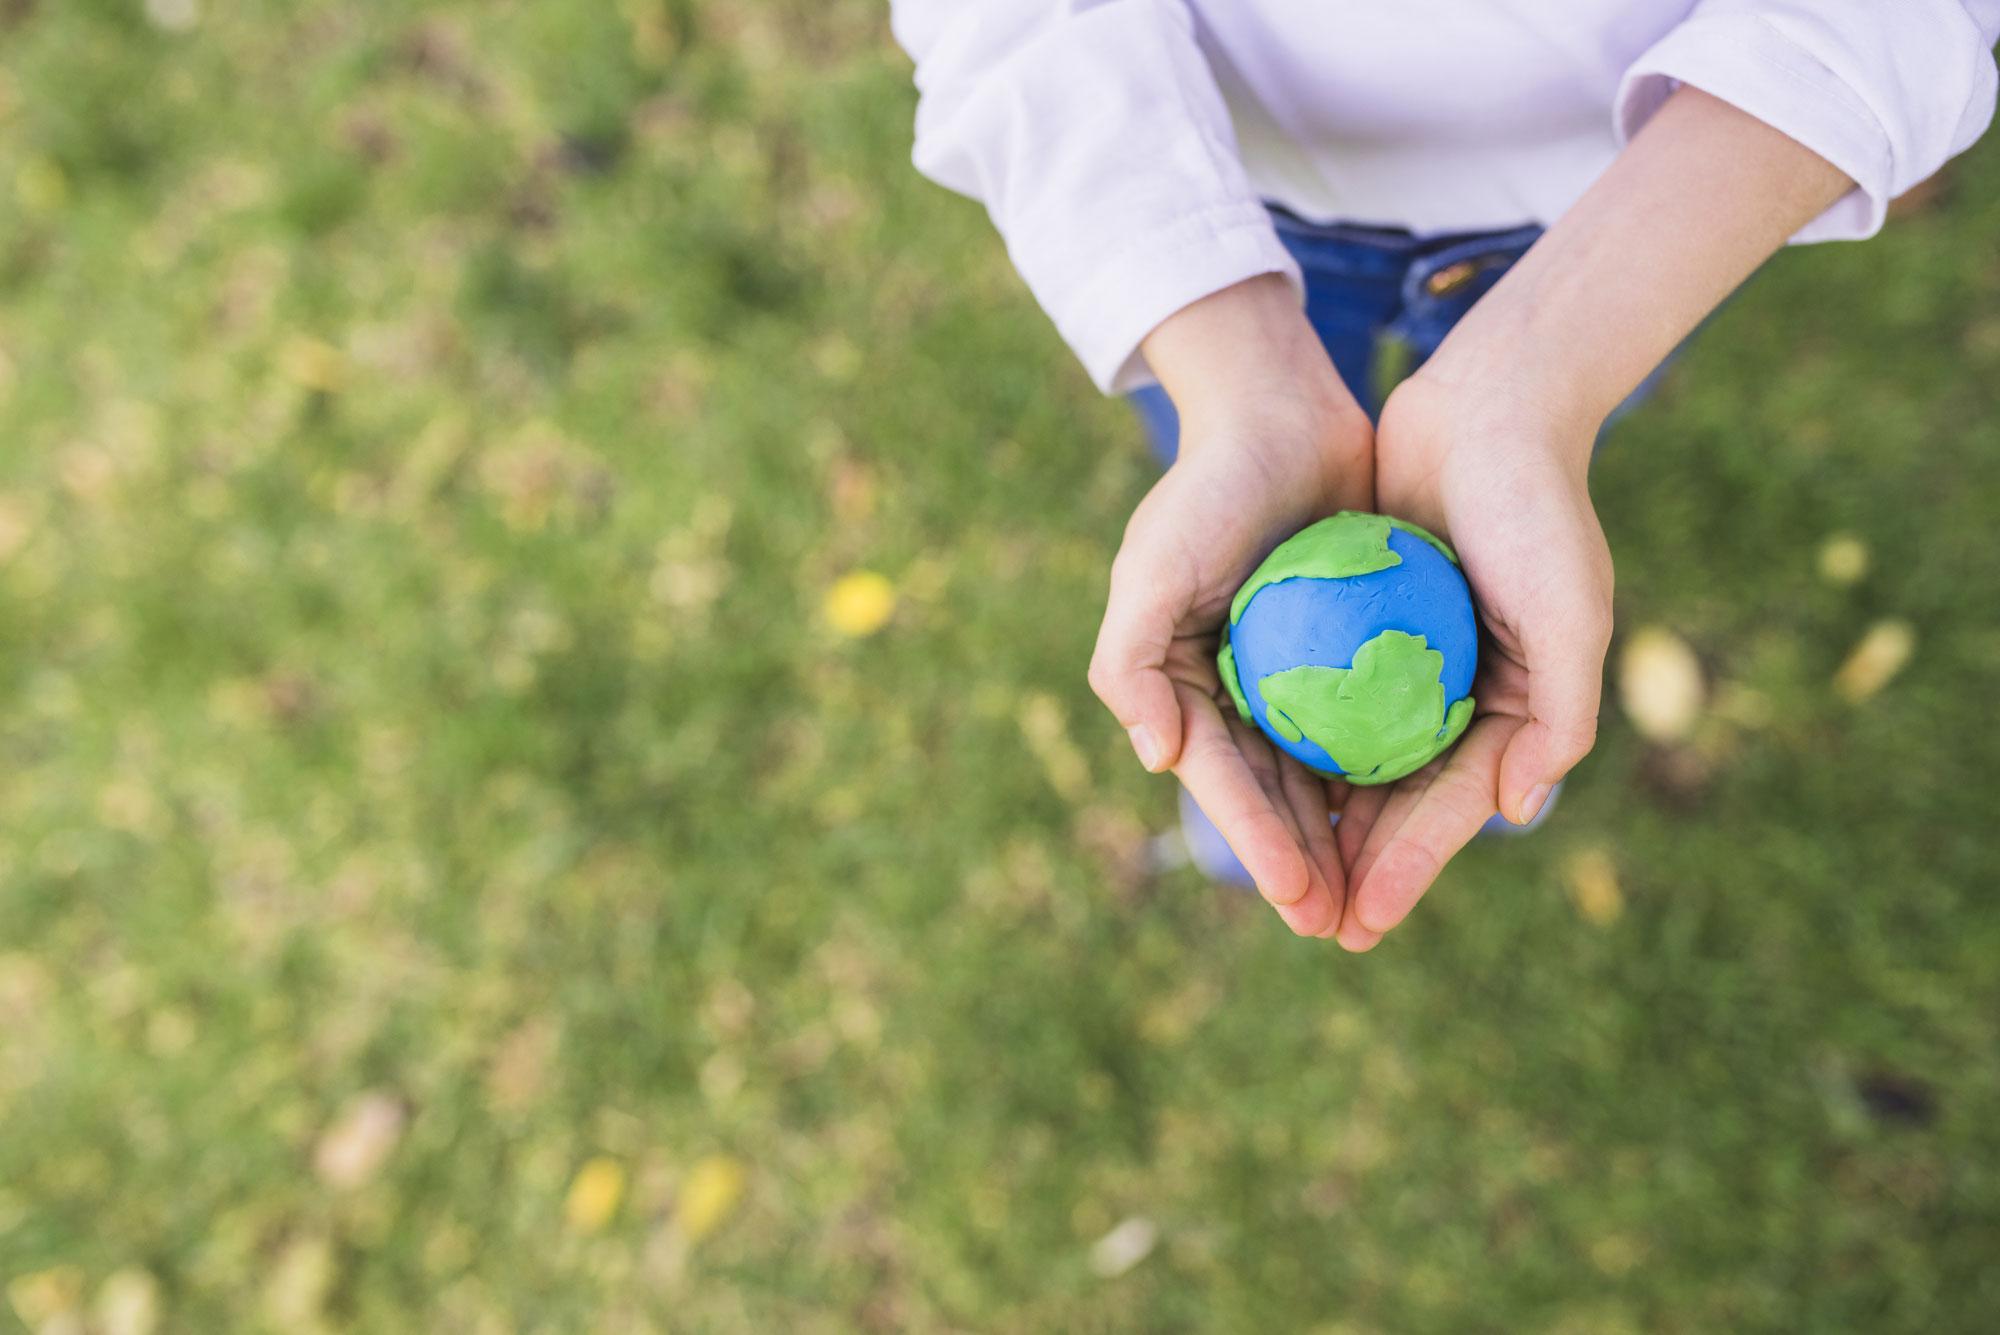 ¿Es real el cambio climático? ¿Cómo crees que afecta? ¡Realiza esta encuesta!